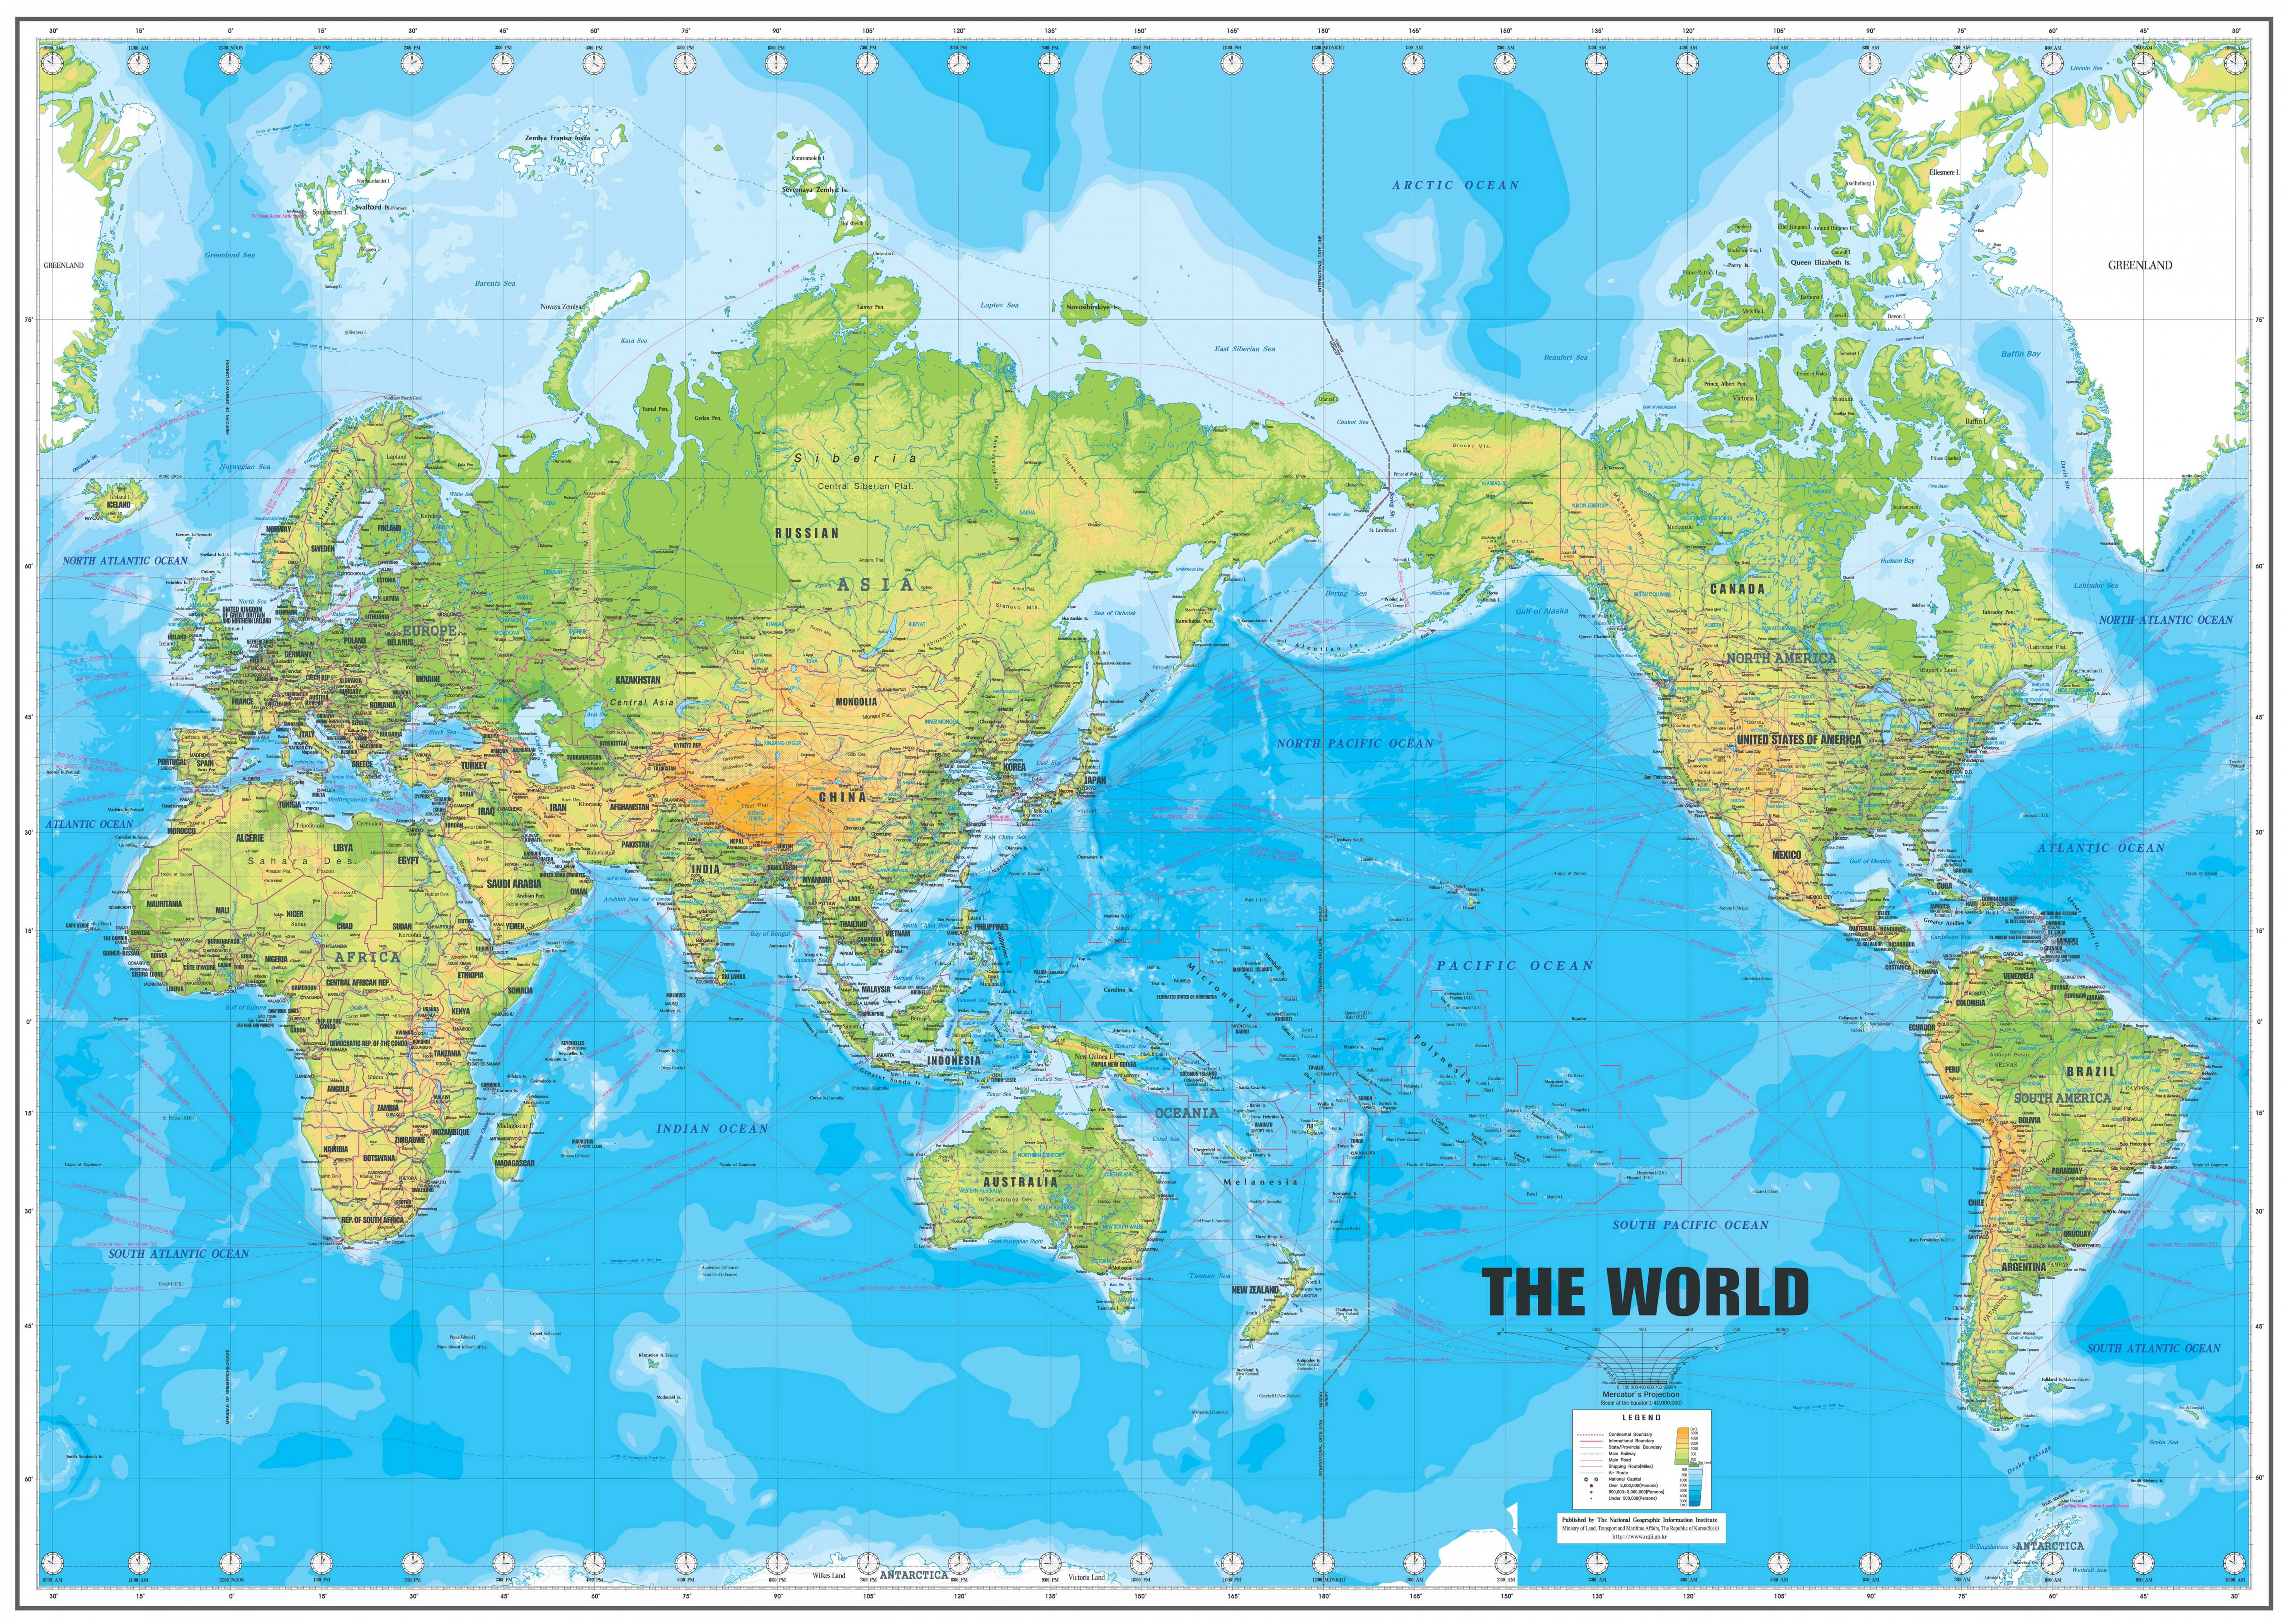 世界地图英文版高清版